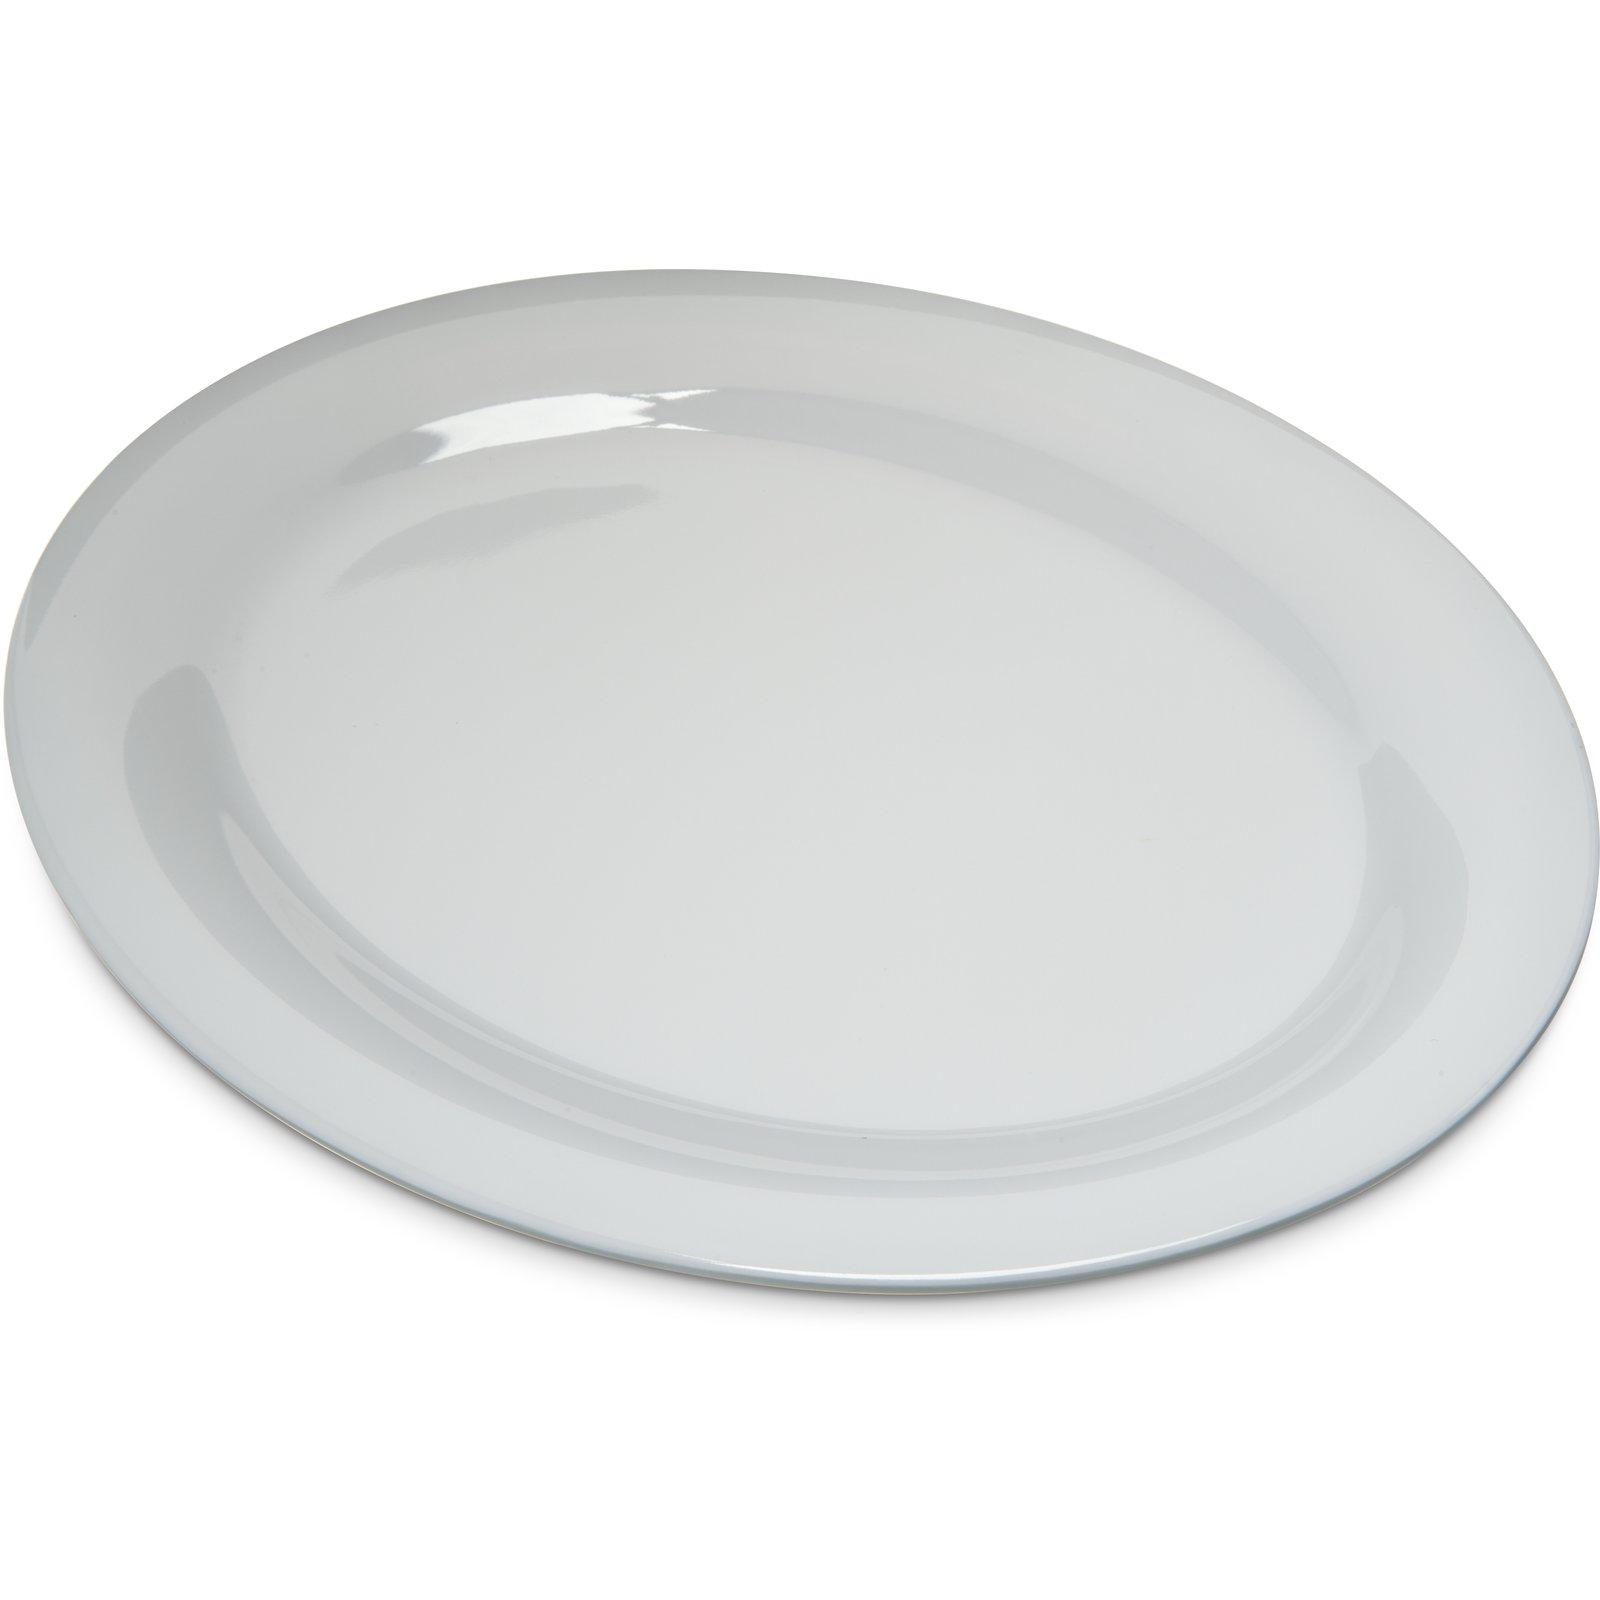 4308202 Durus Melamine Oval Platter Tray 12 X 9 White Carlisle Foodservice Products